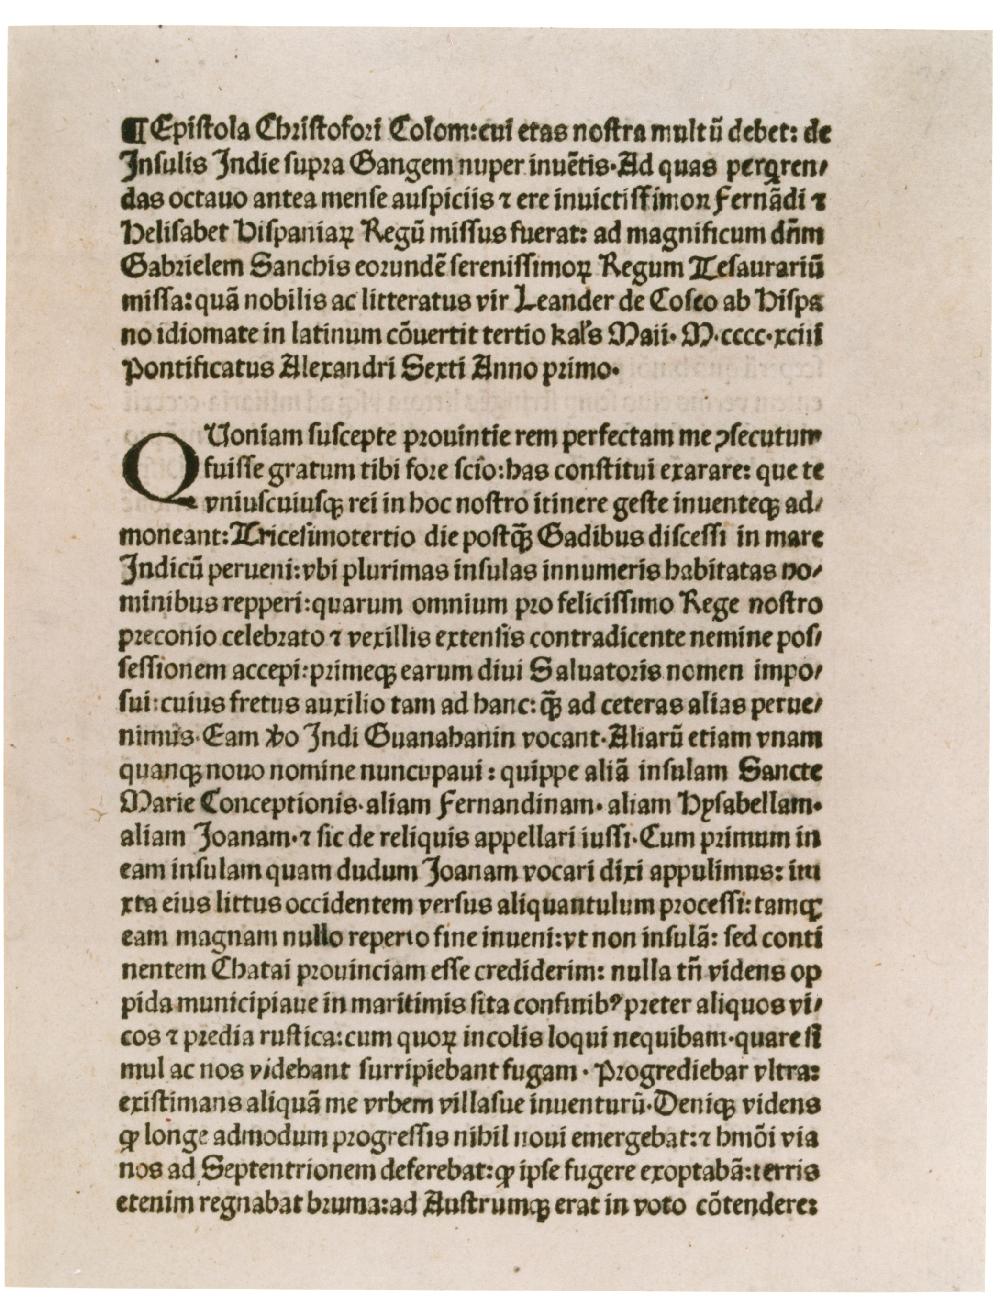 Columbus's letter printed in Latin in Rome, April 1493. (GLC01427)